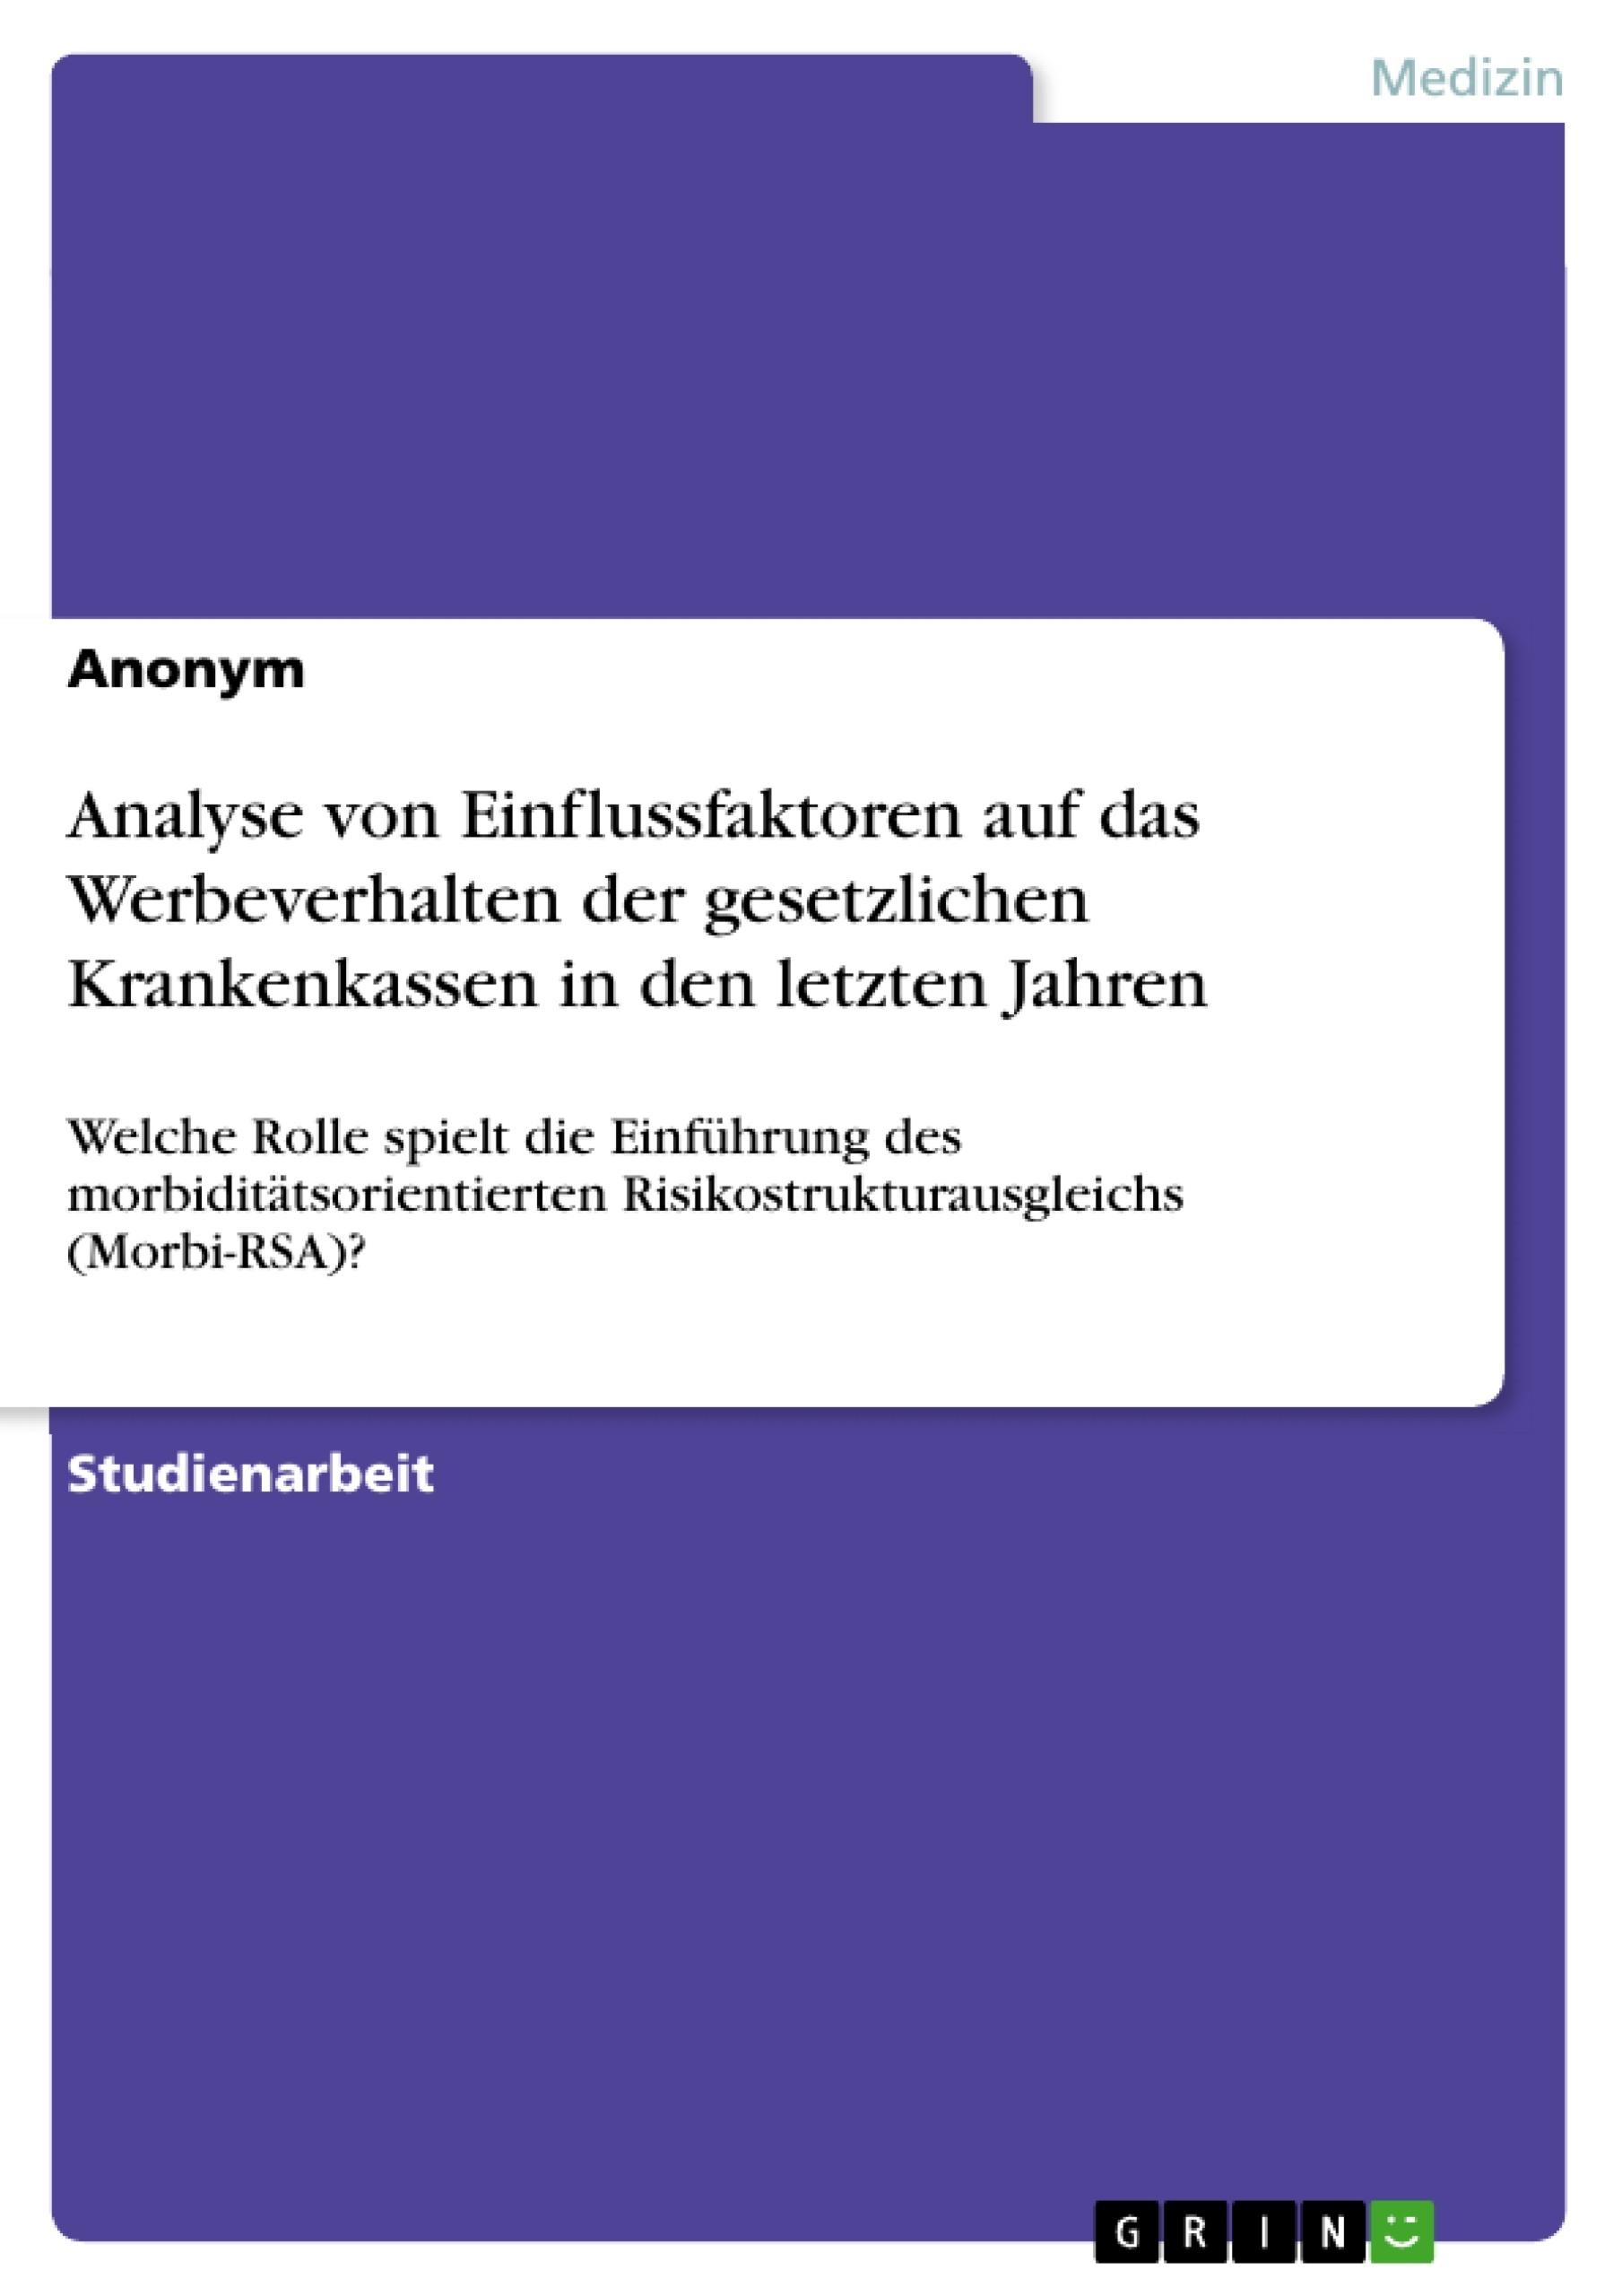 Titel: Analyse von Einflussfaktoren auf das Werbeverhalten der gesetzlichen Krankenkassen in den letzten Jahren